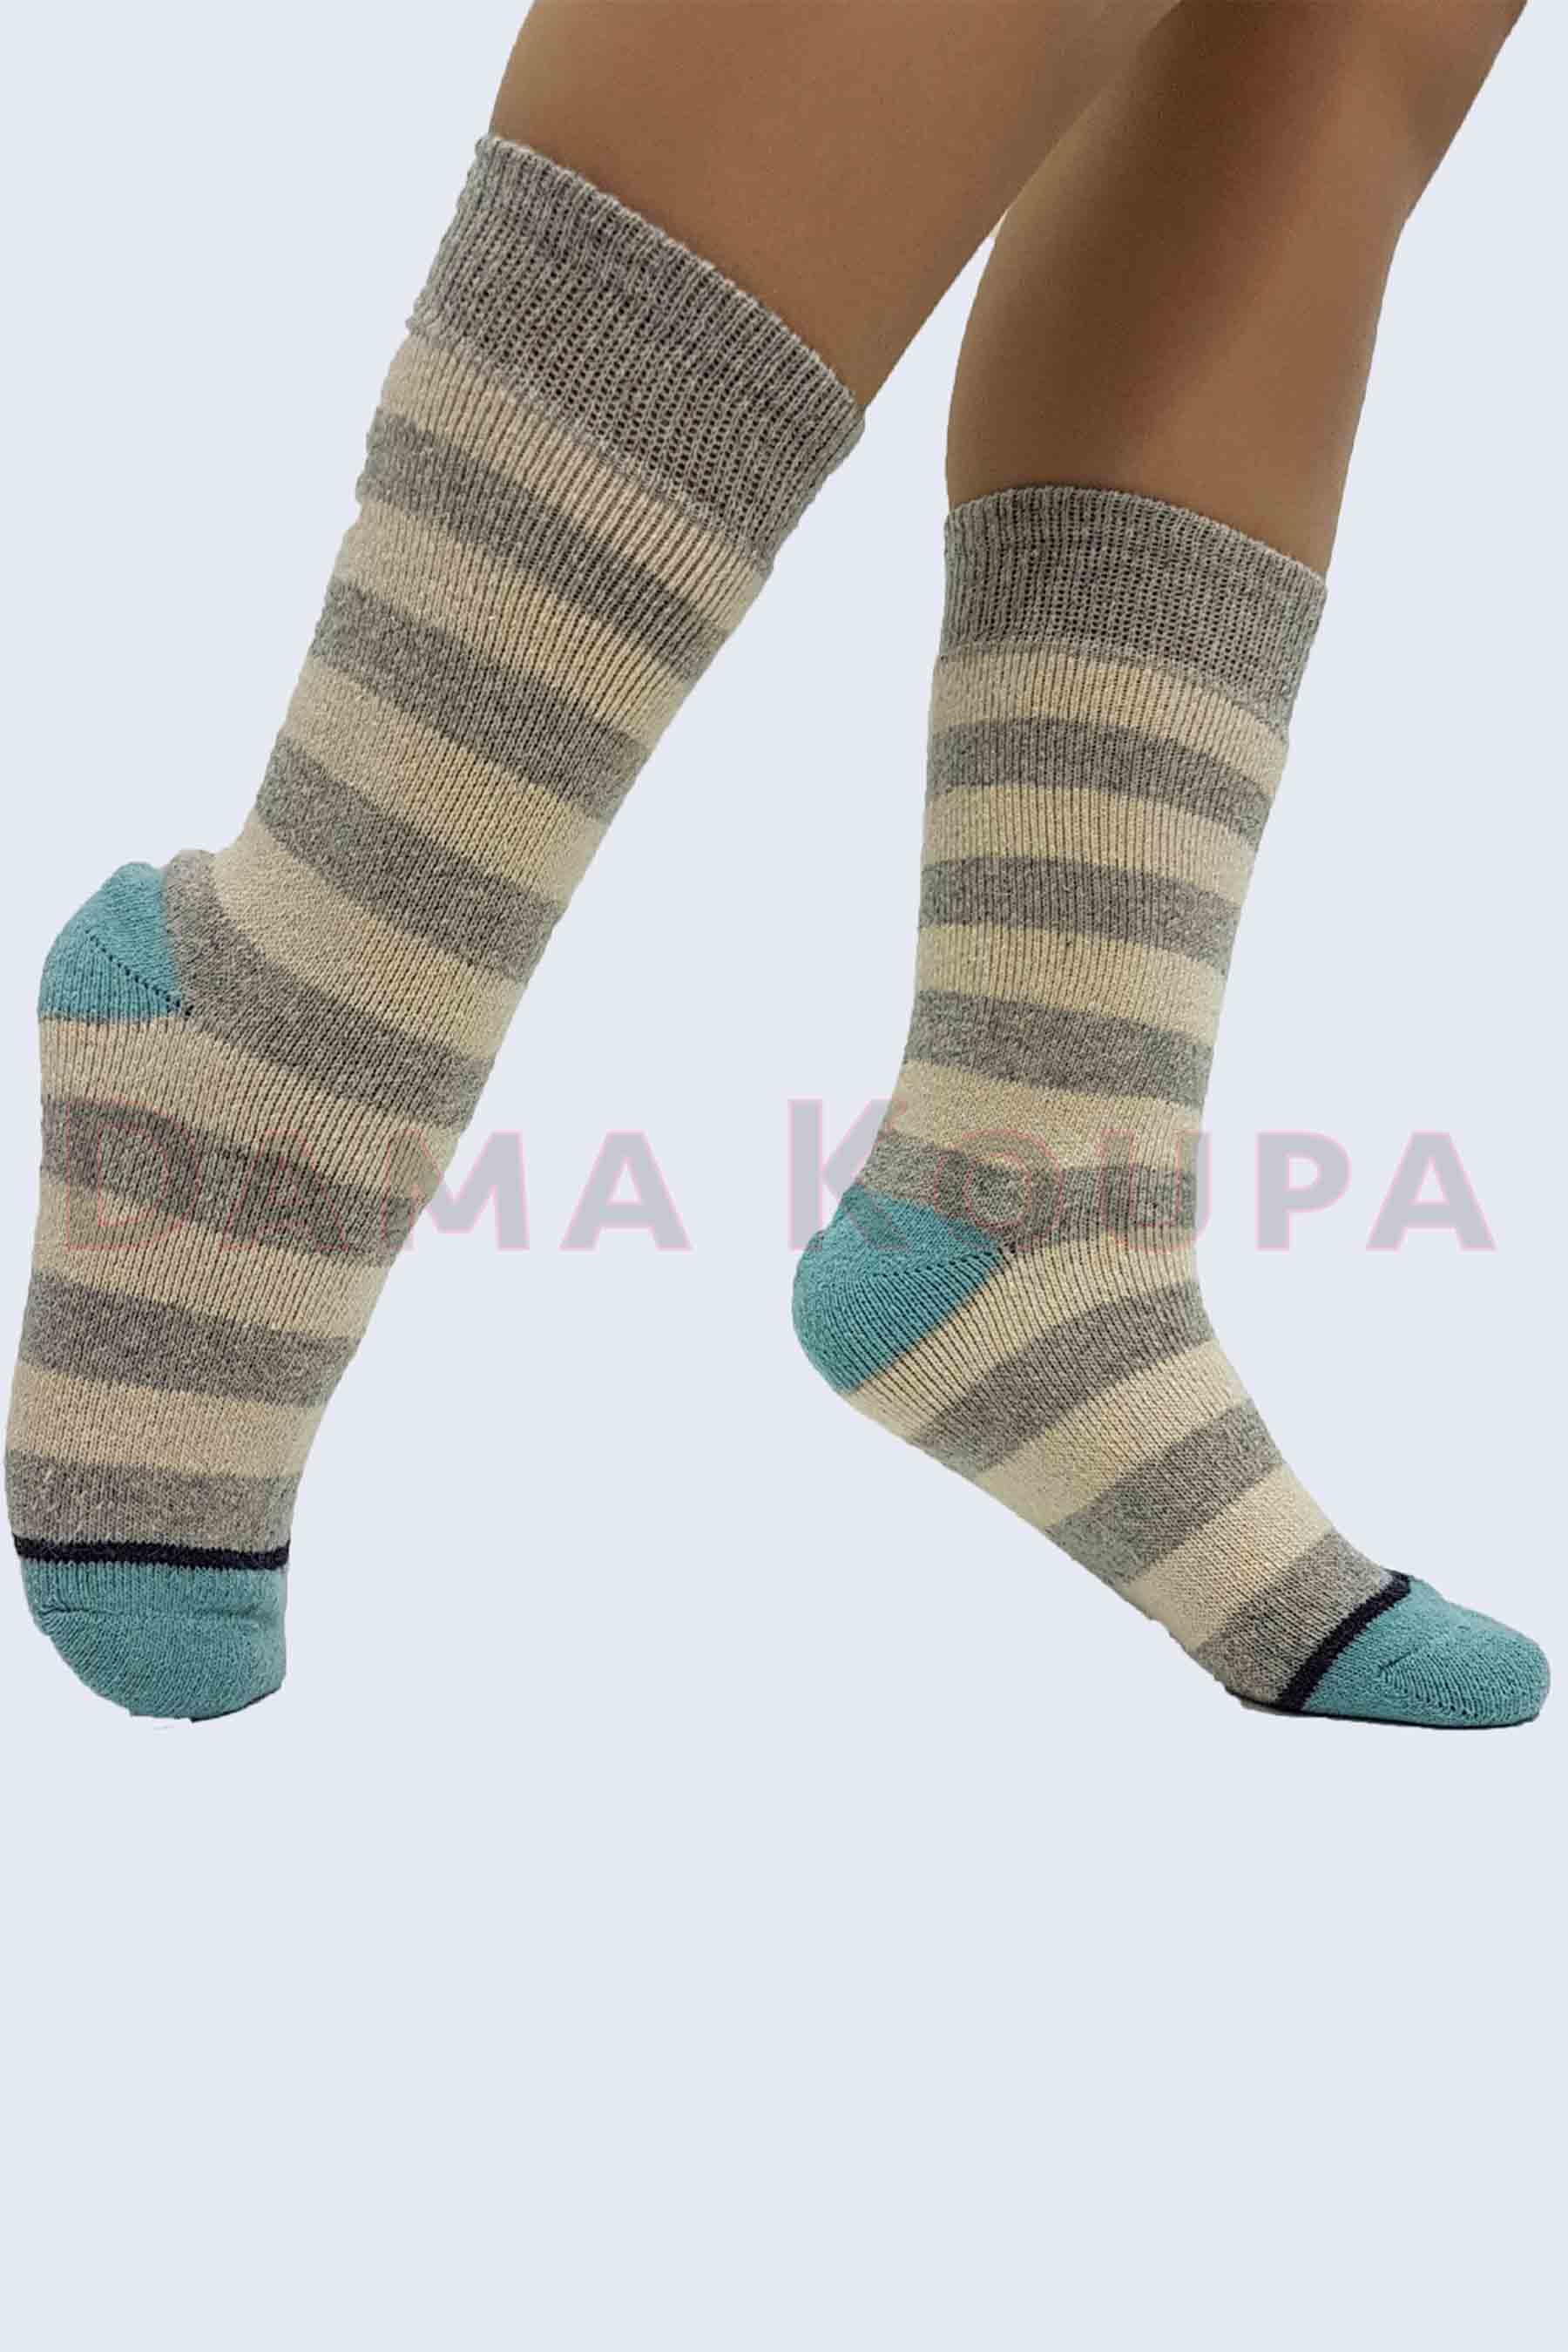 Γυναικείες μάλλινες κάλτσες